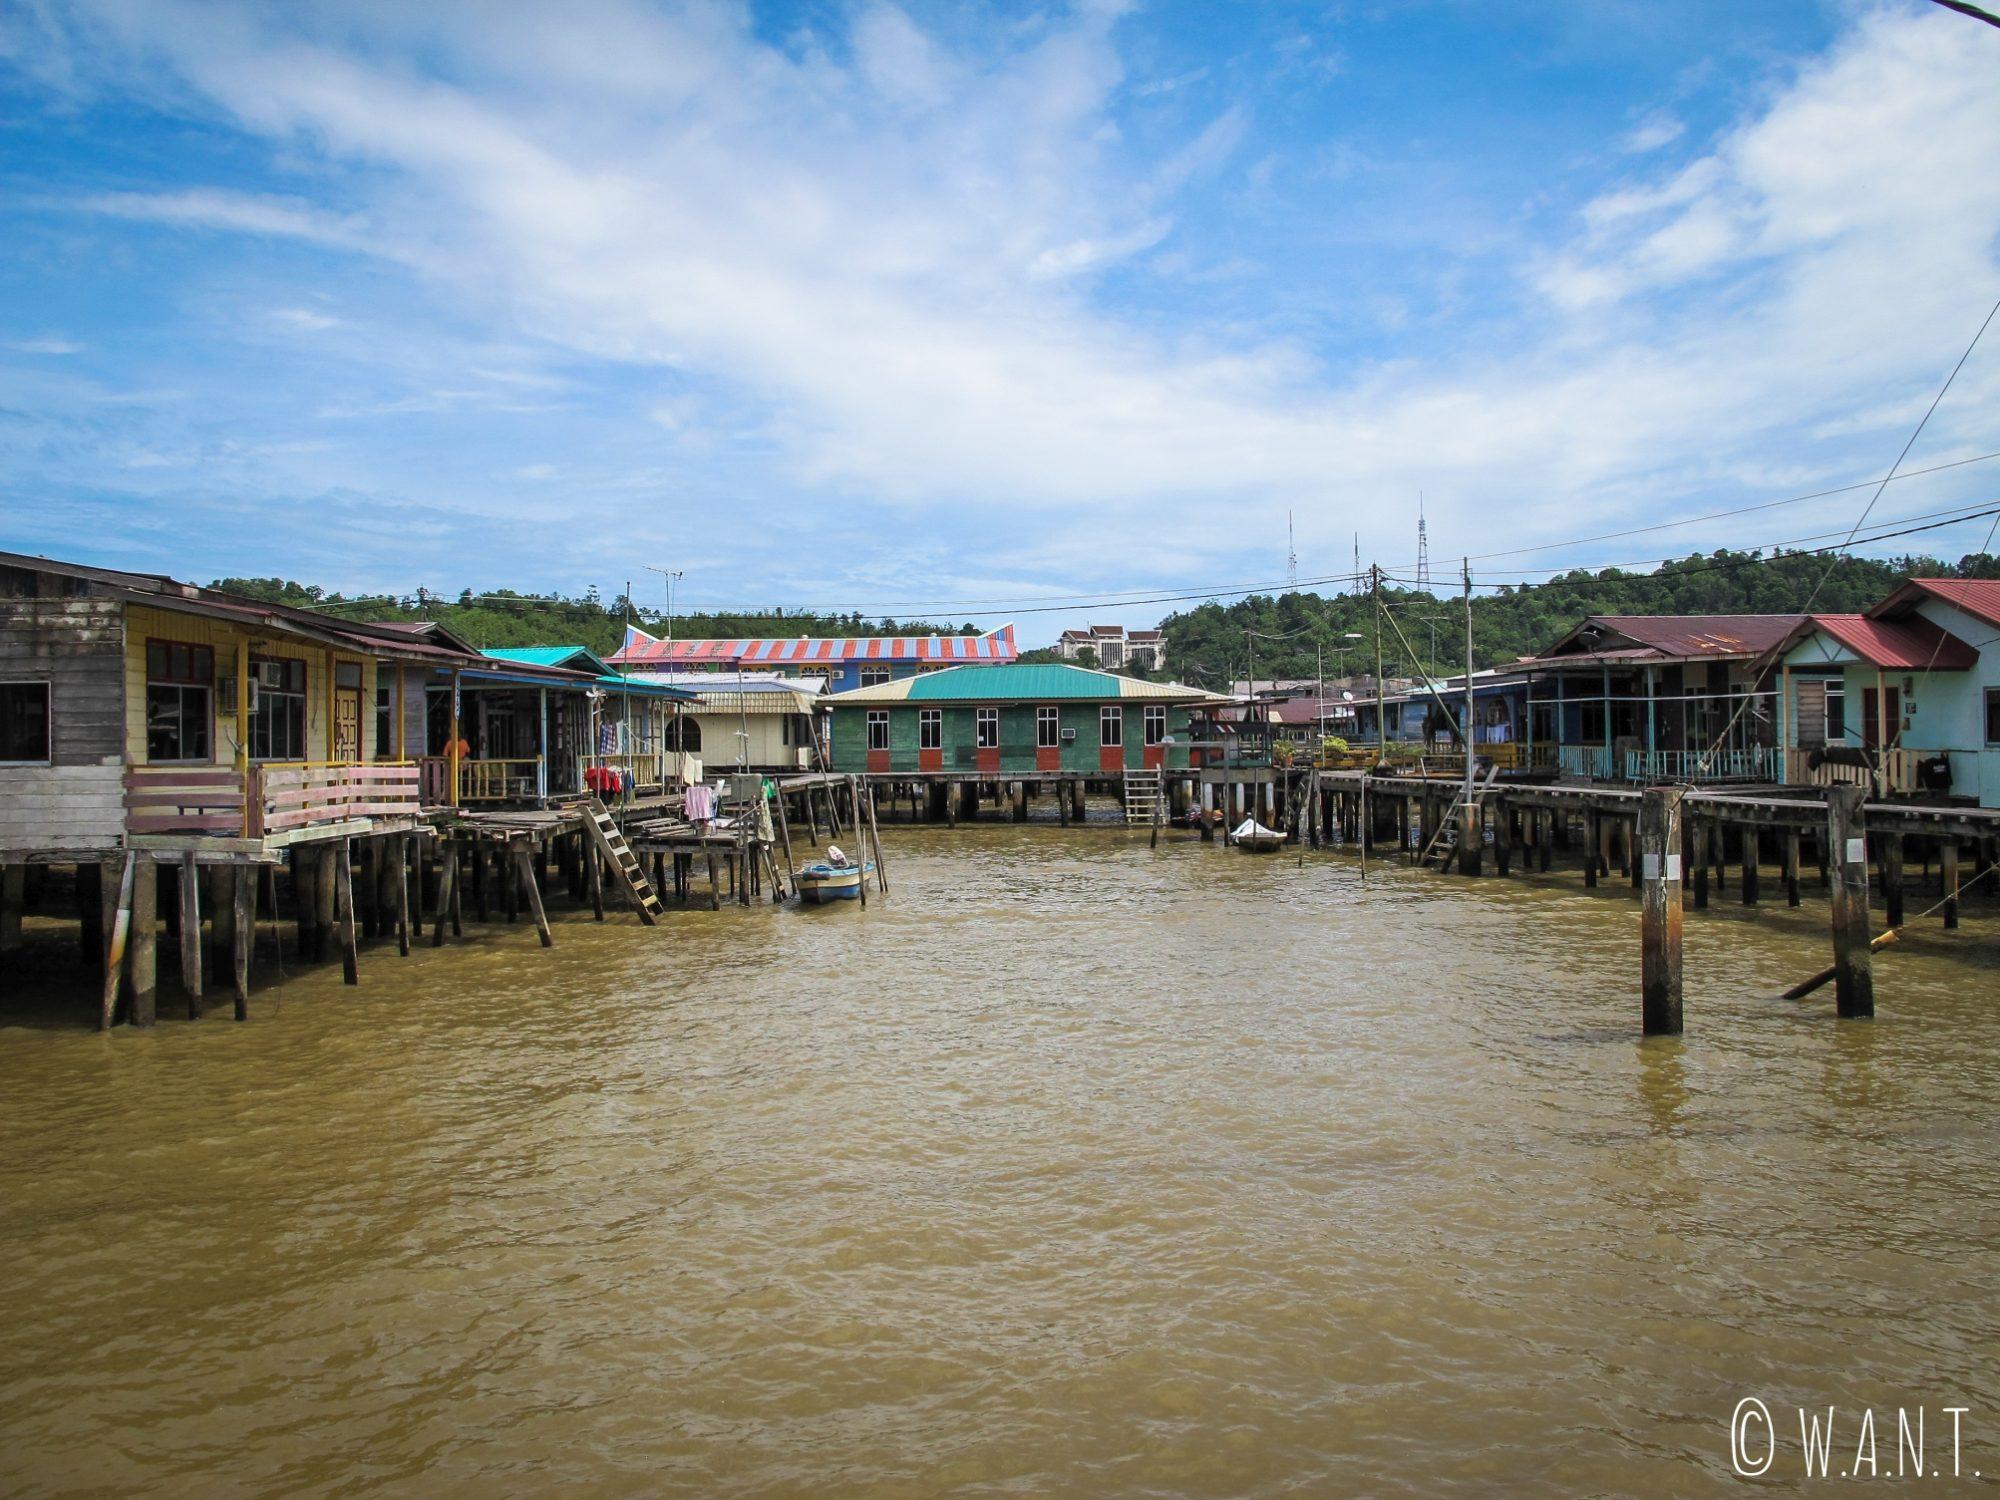 Maisons sur pilotis du village flottant de Kampong Ayer à Bandar Seri Begawan